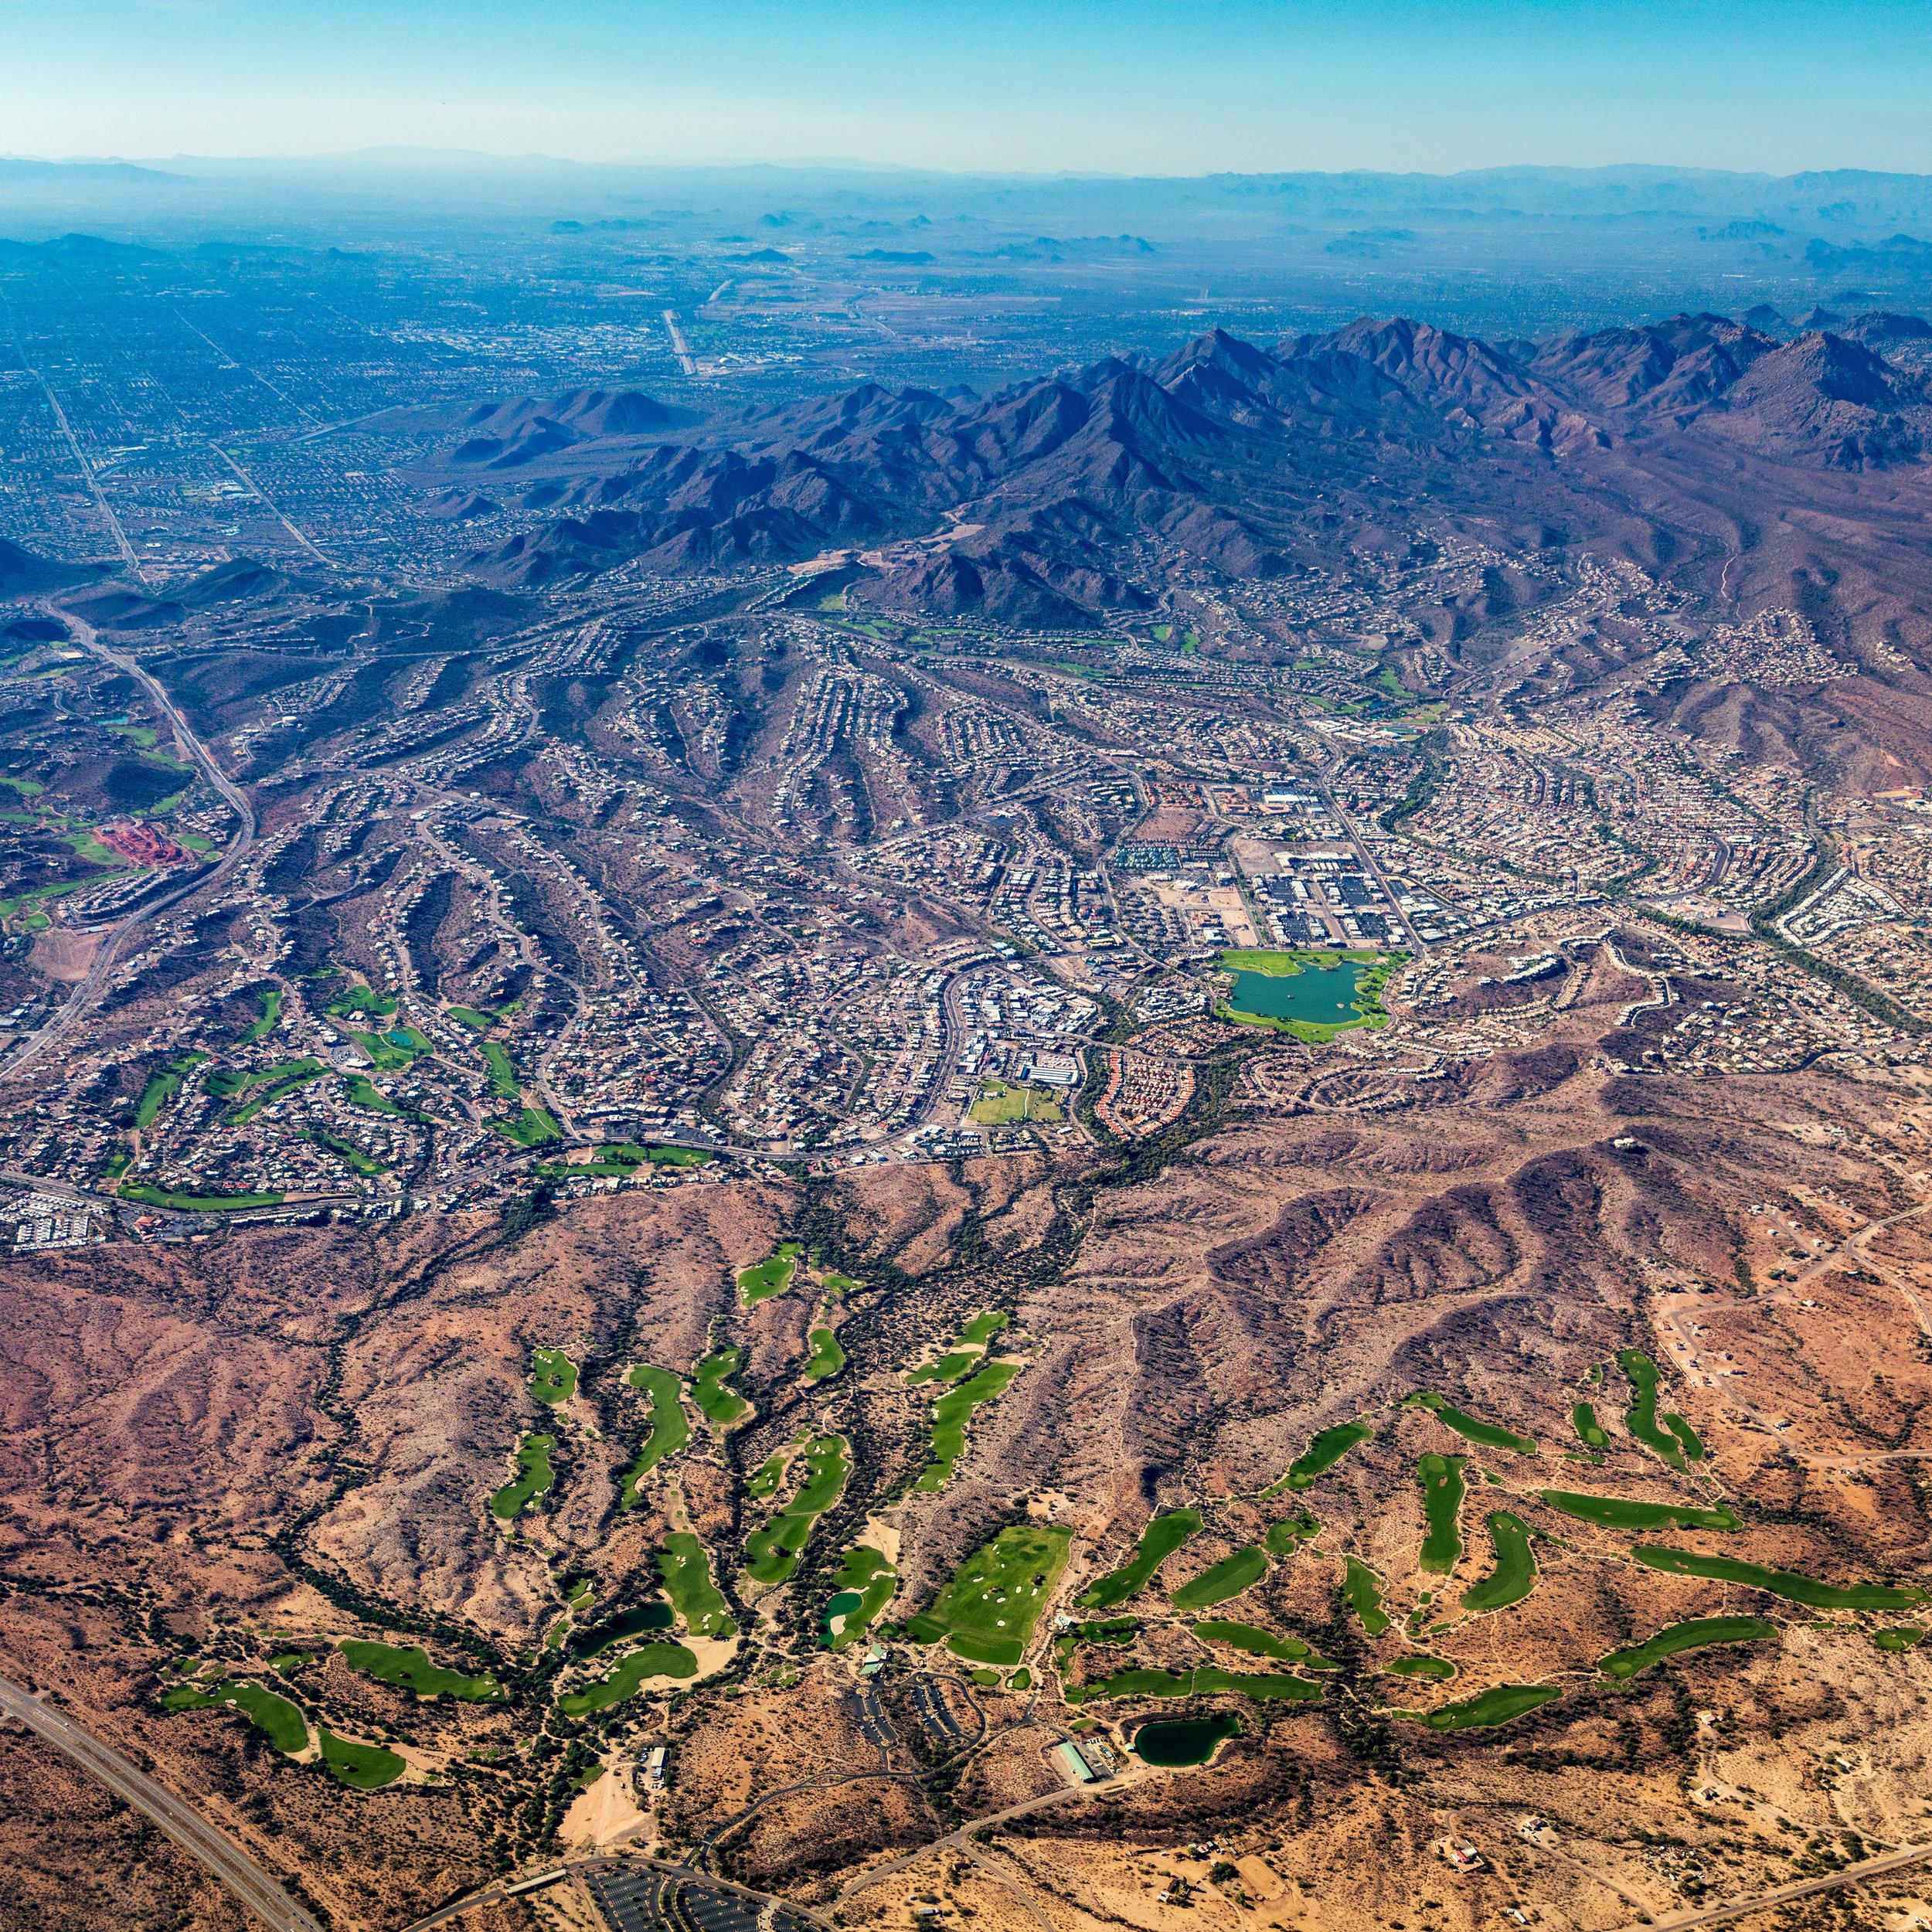 Suburban landscape, Maricopa County Arizona